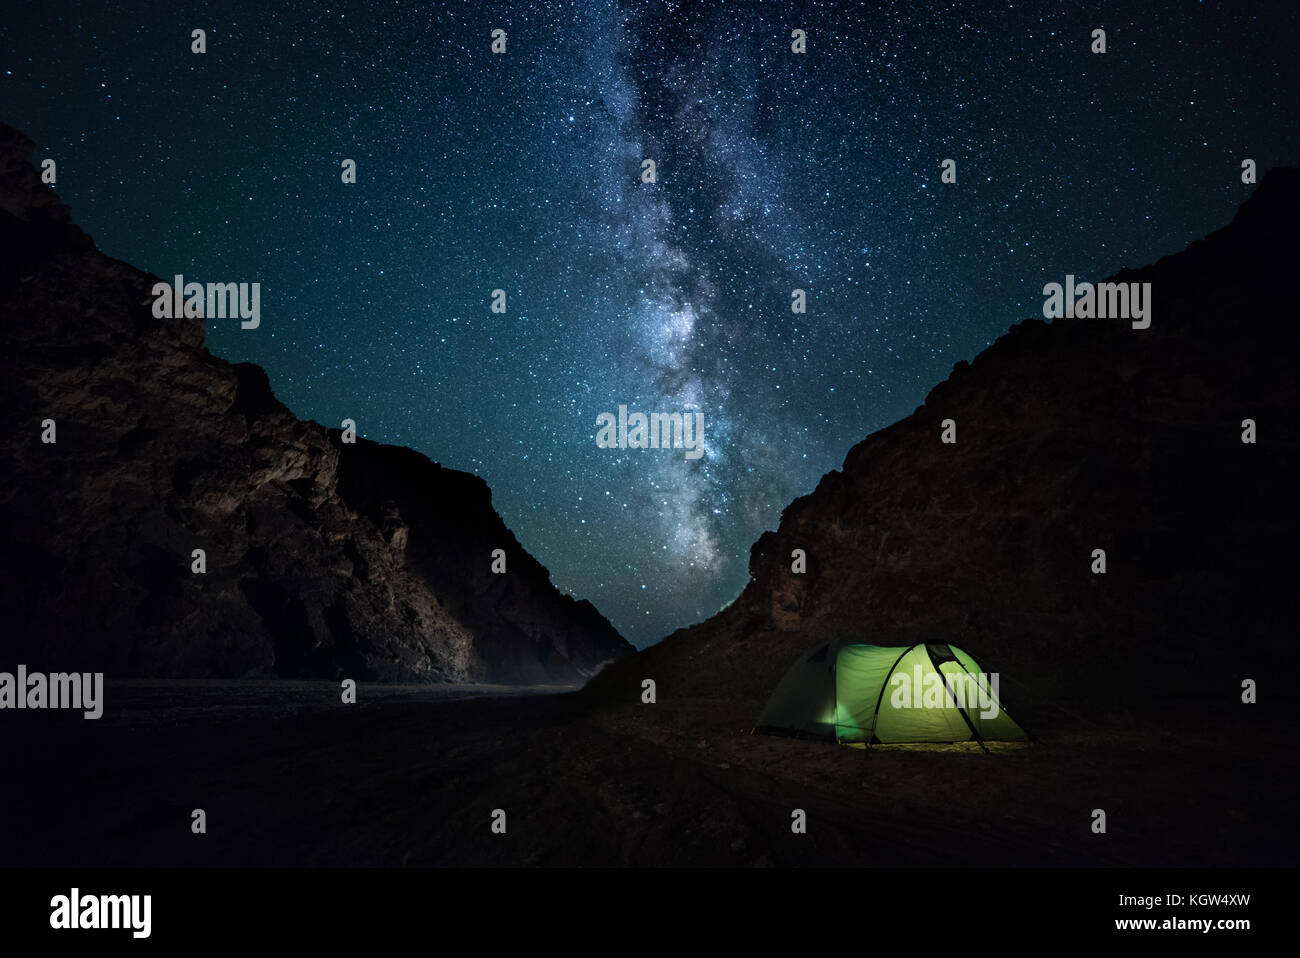 Nacht felsige Schlucht, Sternenhimmel mit hellen Milchstrasse. Ein wenig Camping Stockbild